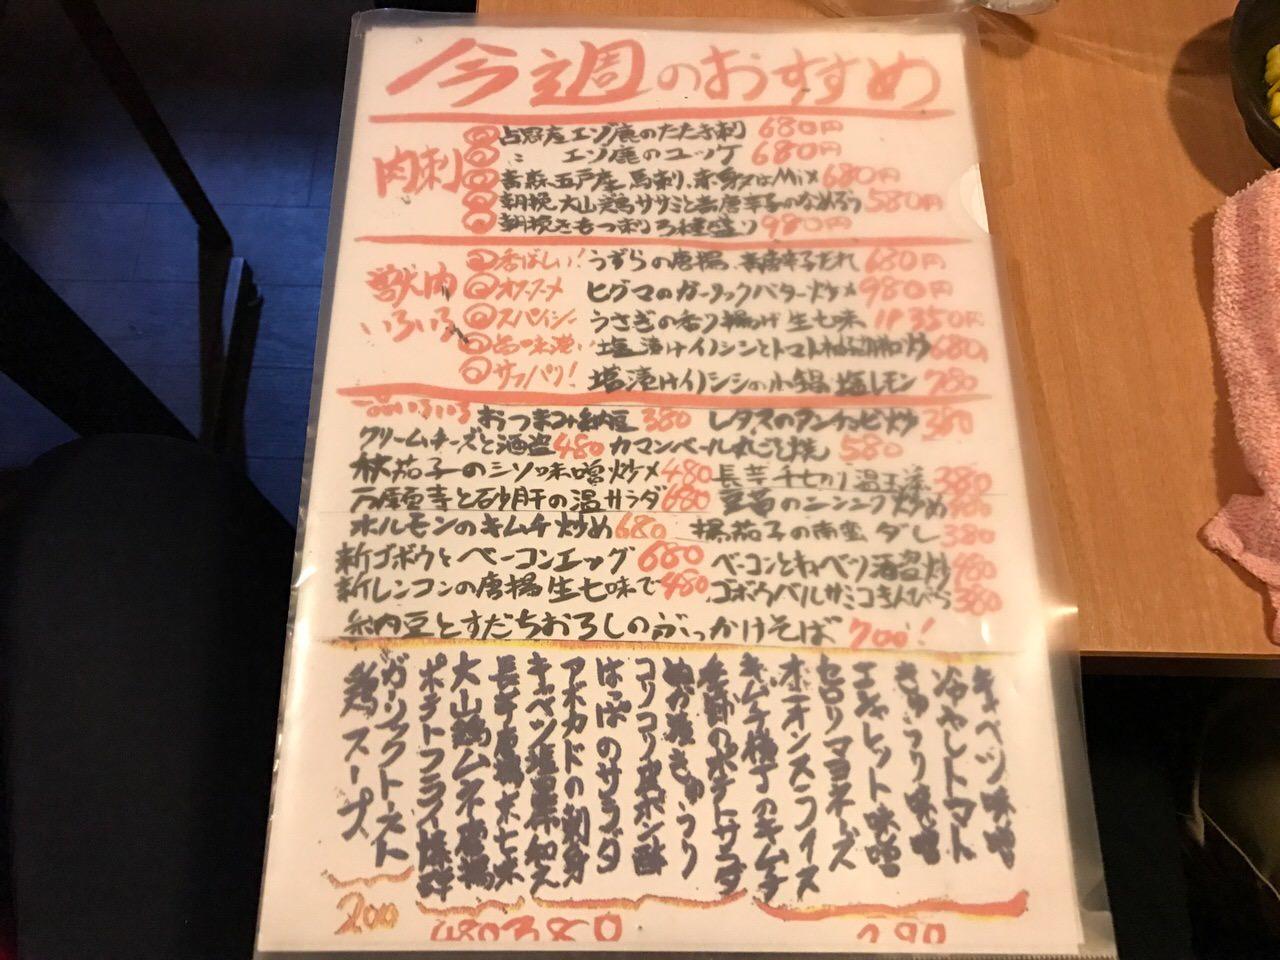 Momonjiya kanda 9661